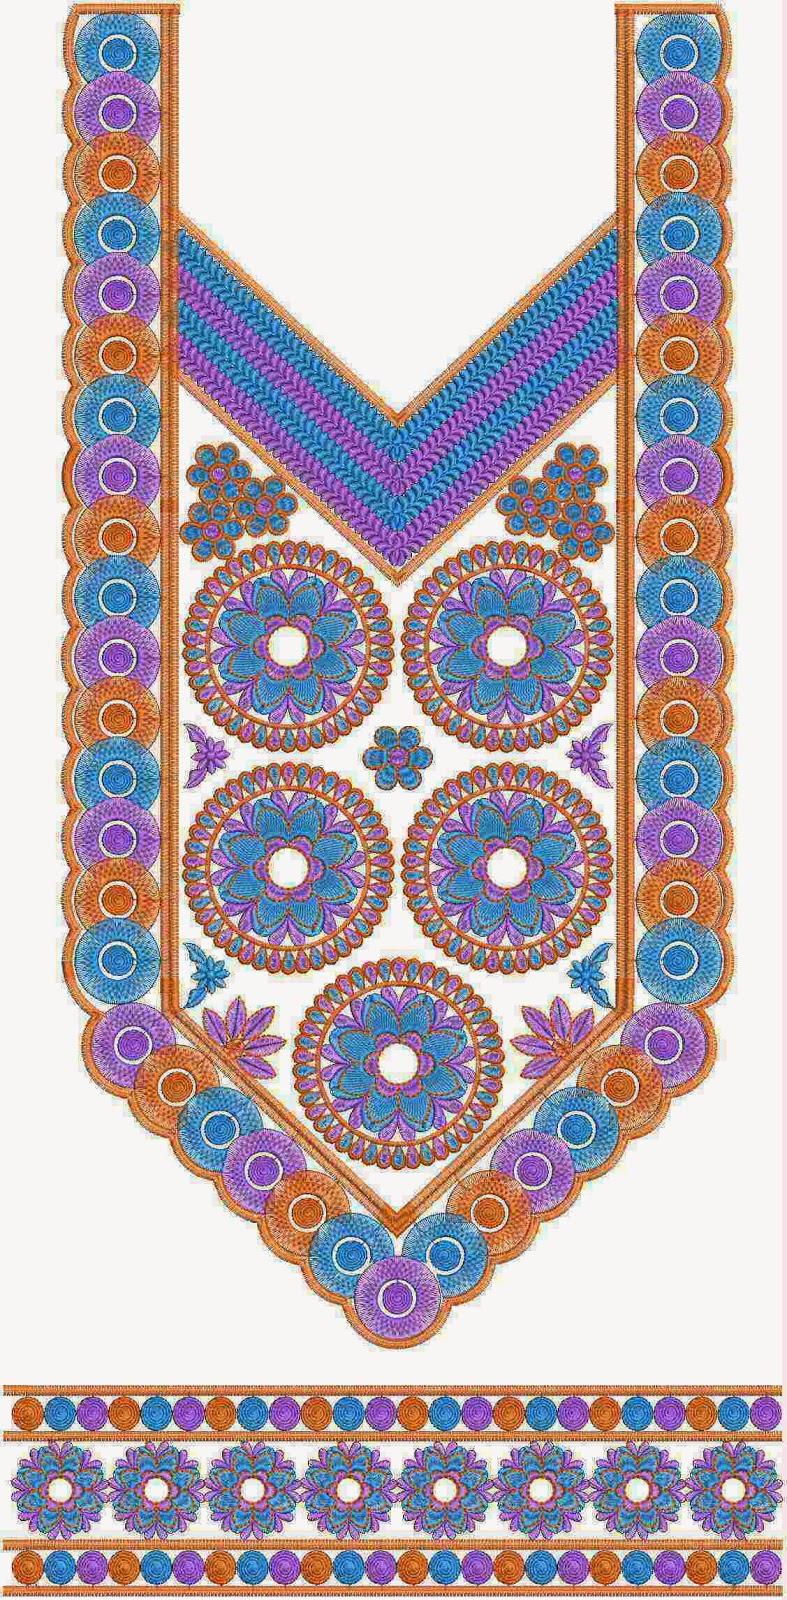 geboë borduurwerk Kurti rok ontwerp